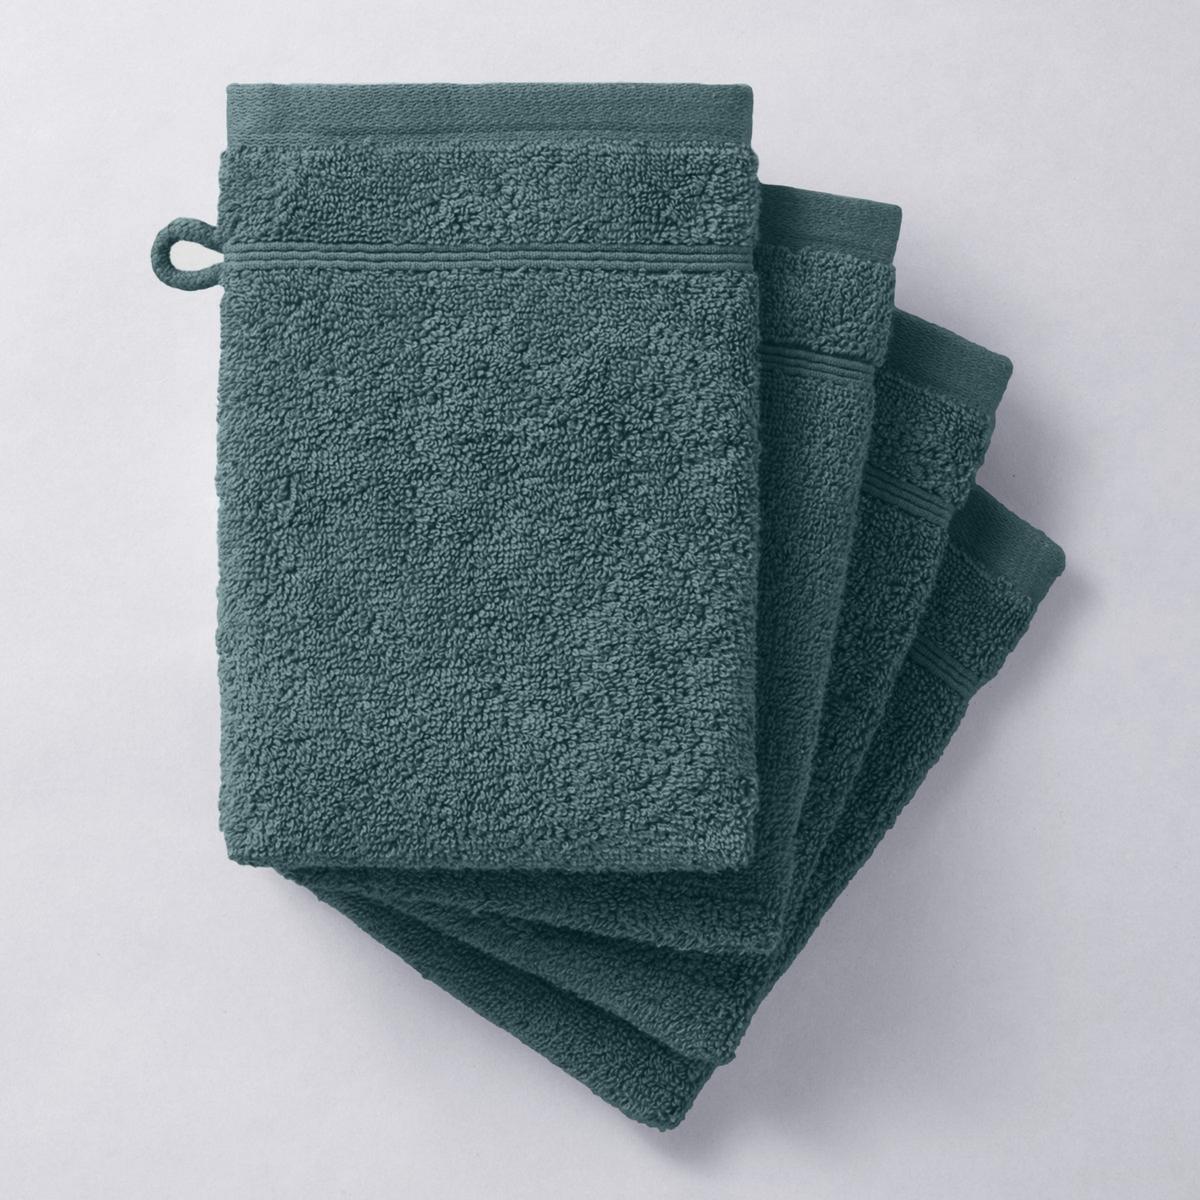 4 банные рукавички, 600 г/м?. Качество BestМахровые банные рукавички отлично впитывают влагу.Описание банной рукавички :Качество BEST.Махровая ткань 100 % хлопка .Машинная стирка при 60°.  Размер рукавички :15 x 21 см.<br><br>Цвет: бежевый,белый,гранатовый,зеленый мох,розовая пудра,светло-серый,светло-синий,Серо-синий,сине-зеленый,синий морской,темно-серый,фиолетовый,шафран<br>Размер: 15 x 21  см.15 x 21  см.15 x 21  см.15 x 21  см.15 x 21  см.15 x 21  см.15 x 21  см